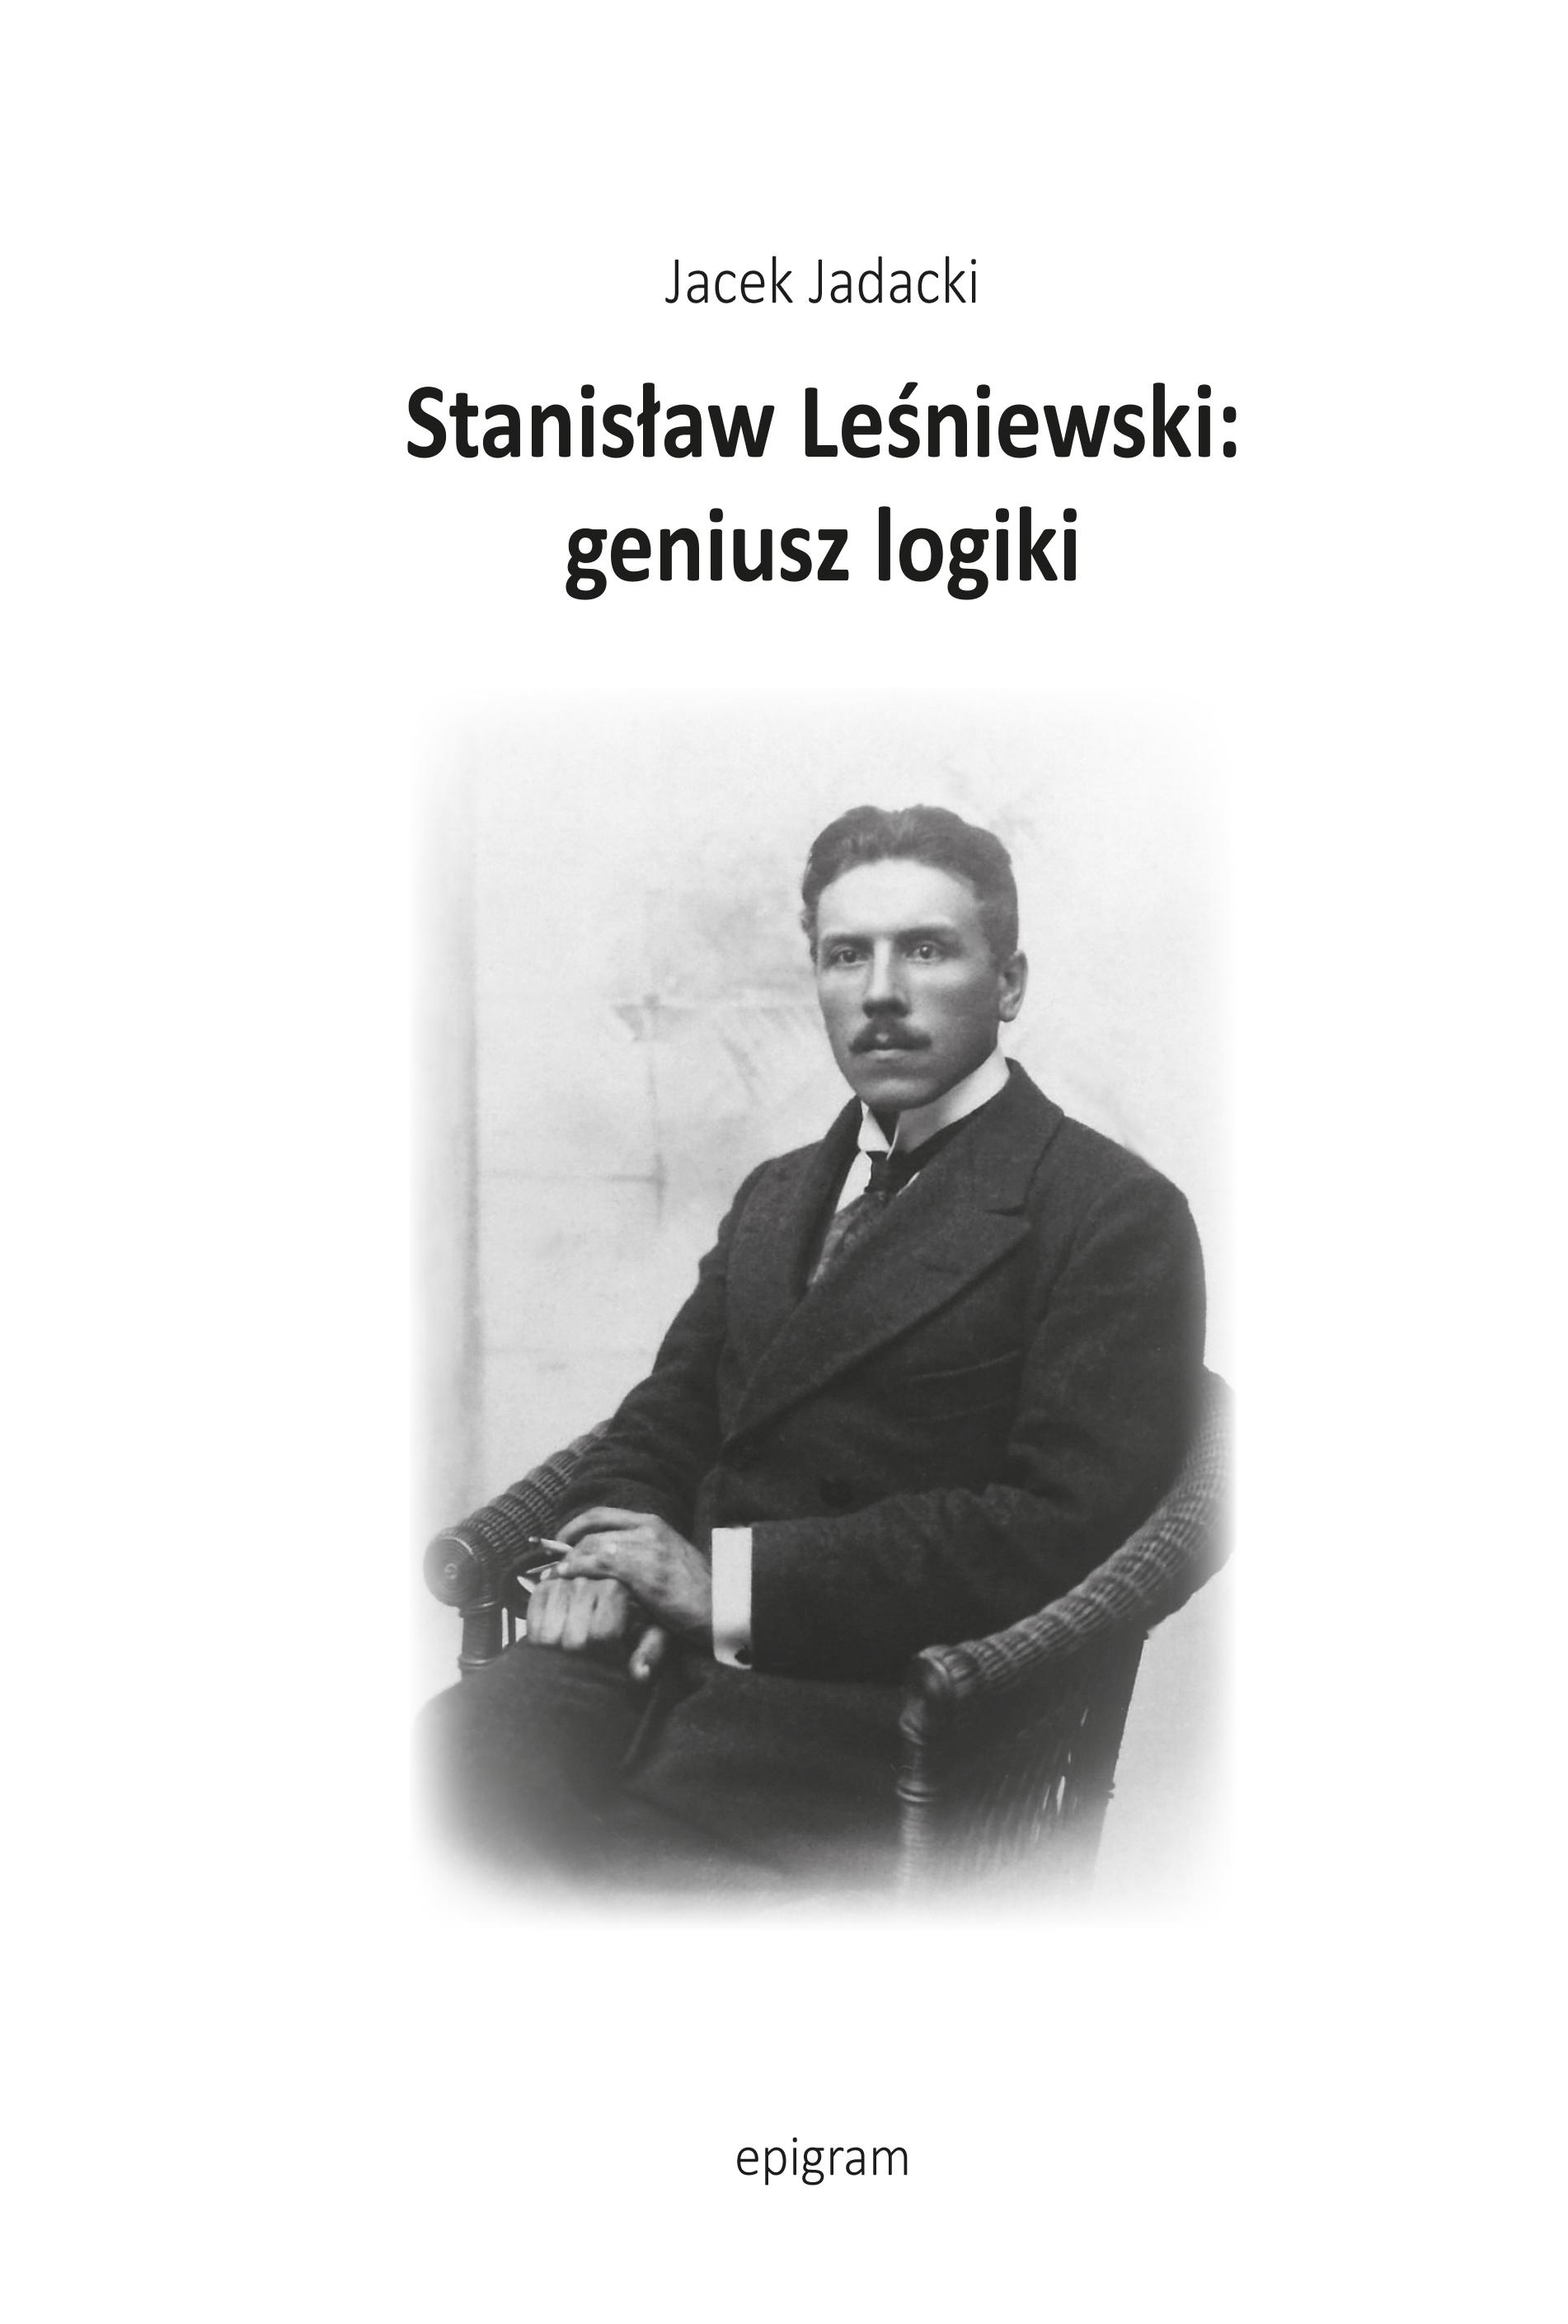 Stanisław Leśniewski: geniusz logiki / Jacek Jadacki okładka